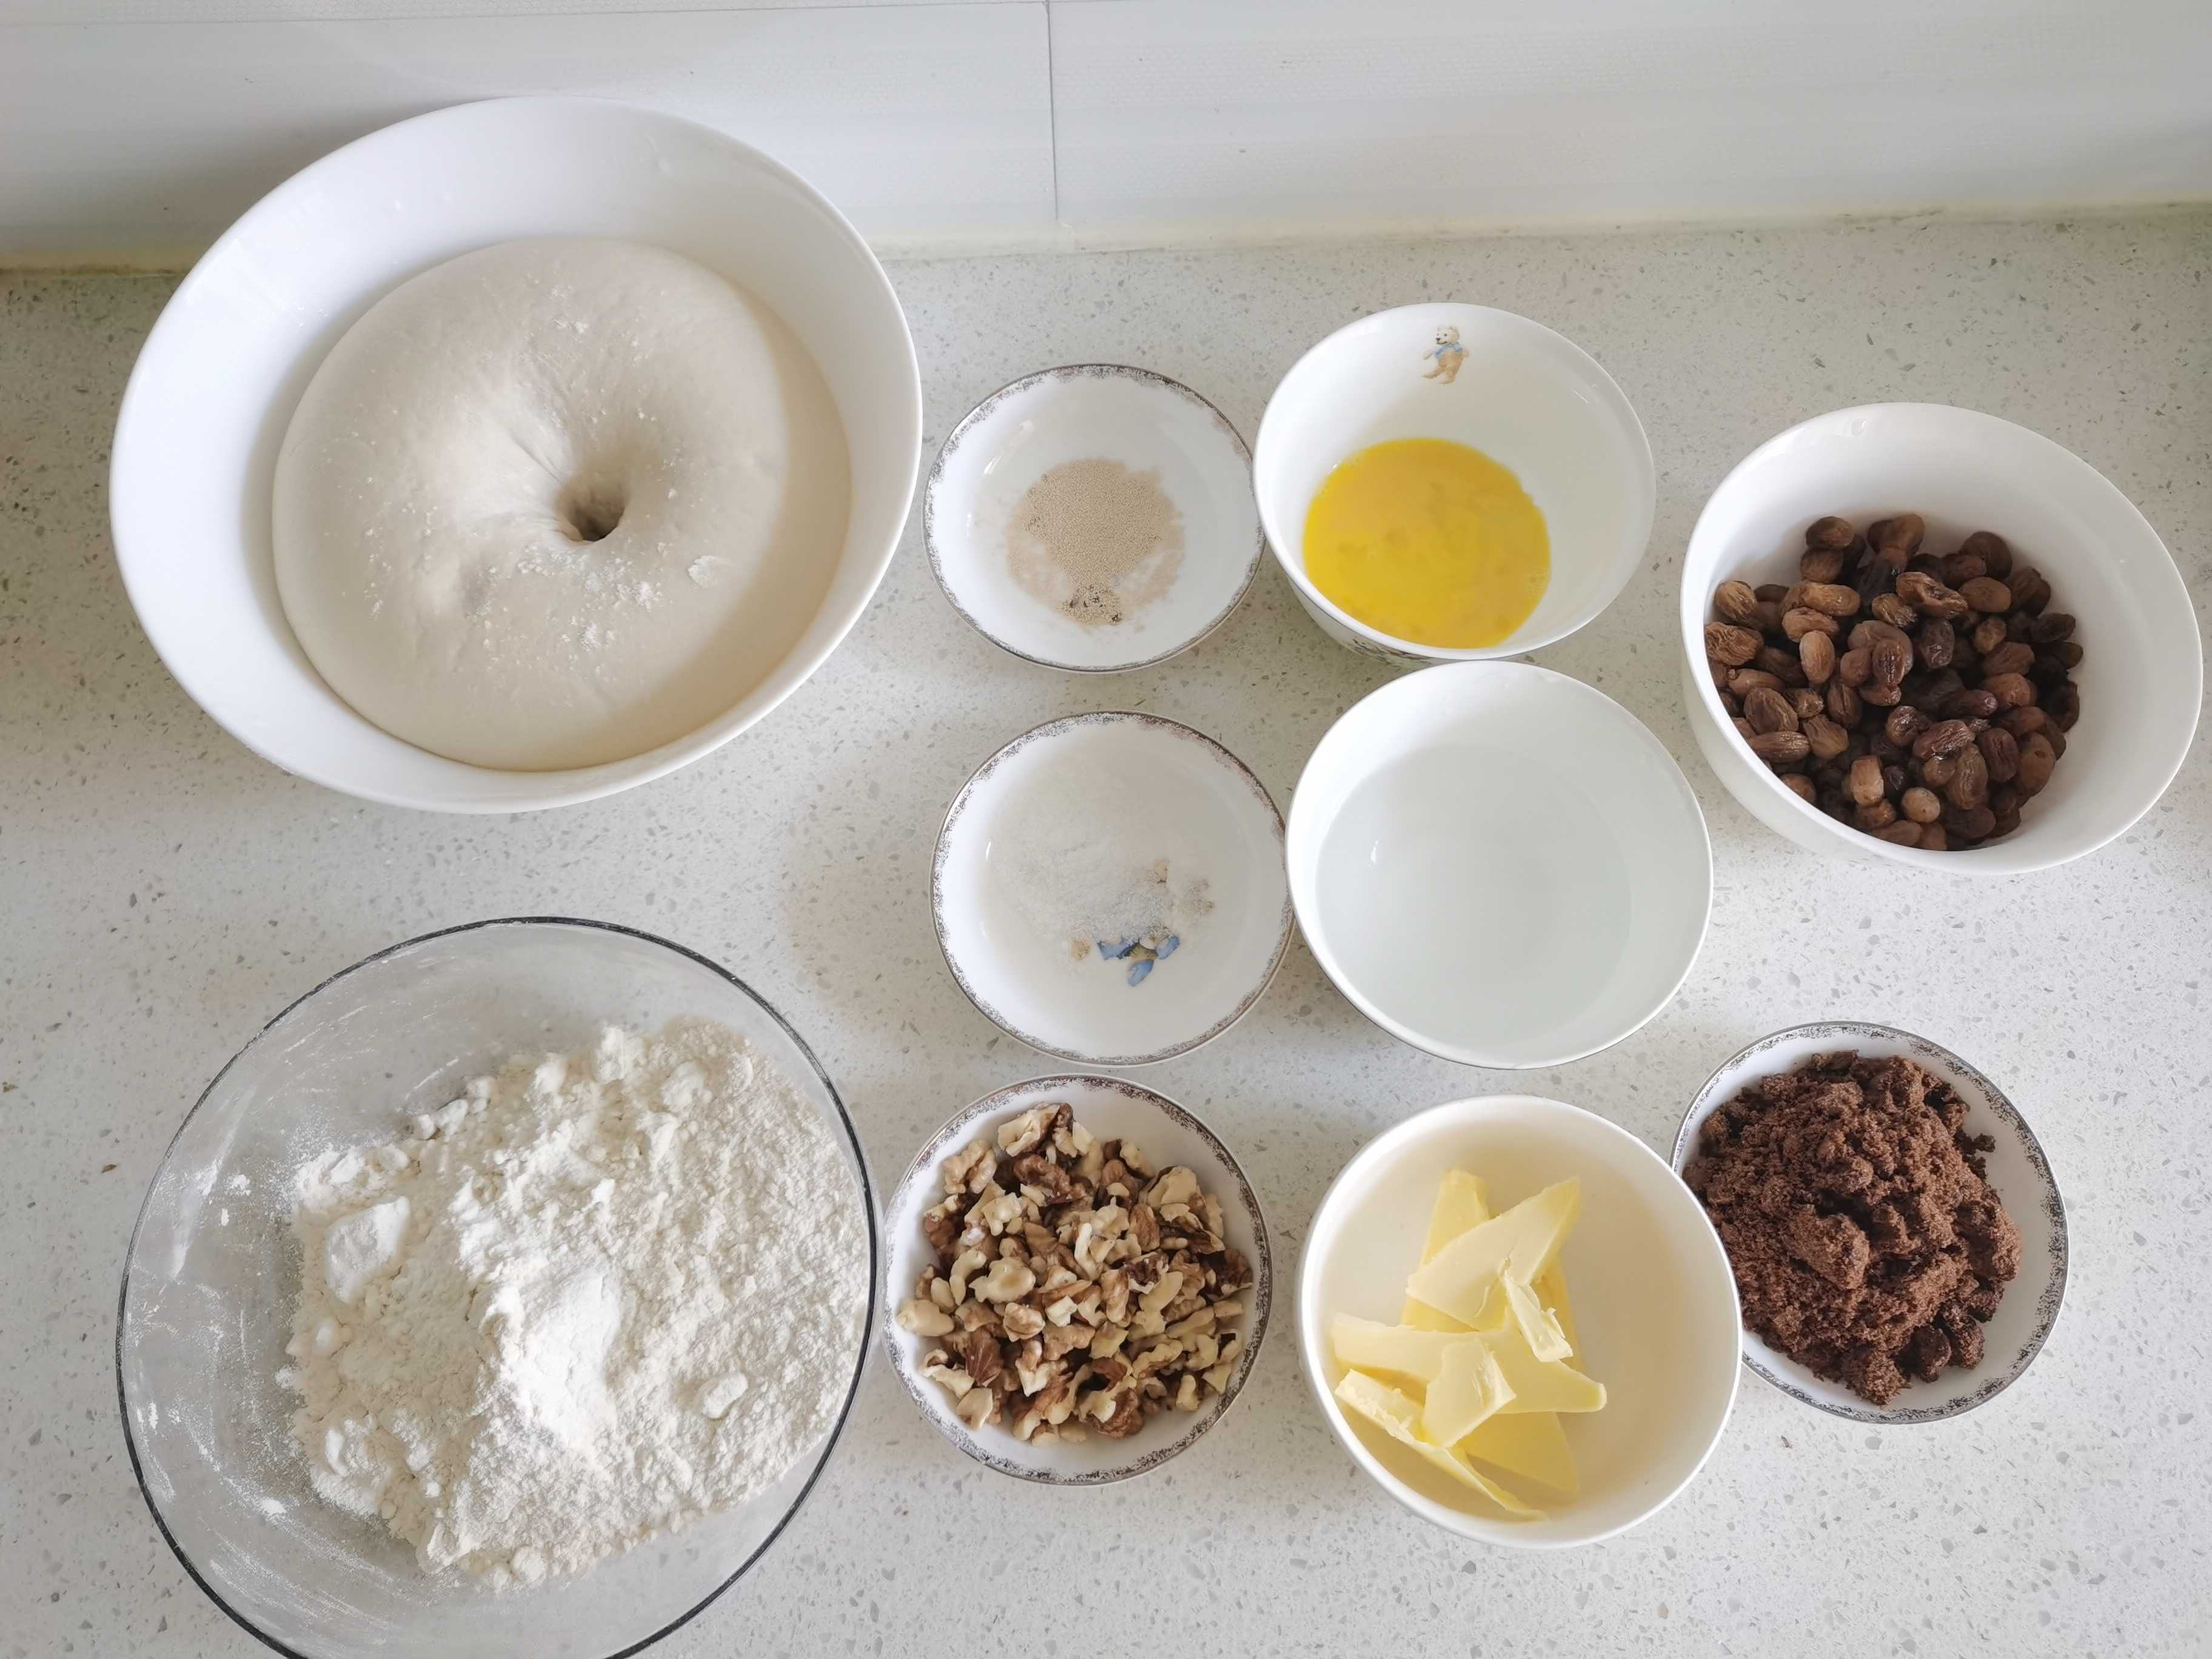 女性最佳补品级面包~黑糖果仁吐司的做法图解